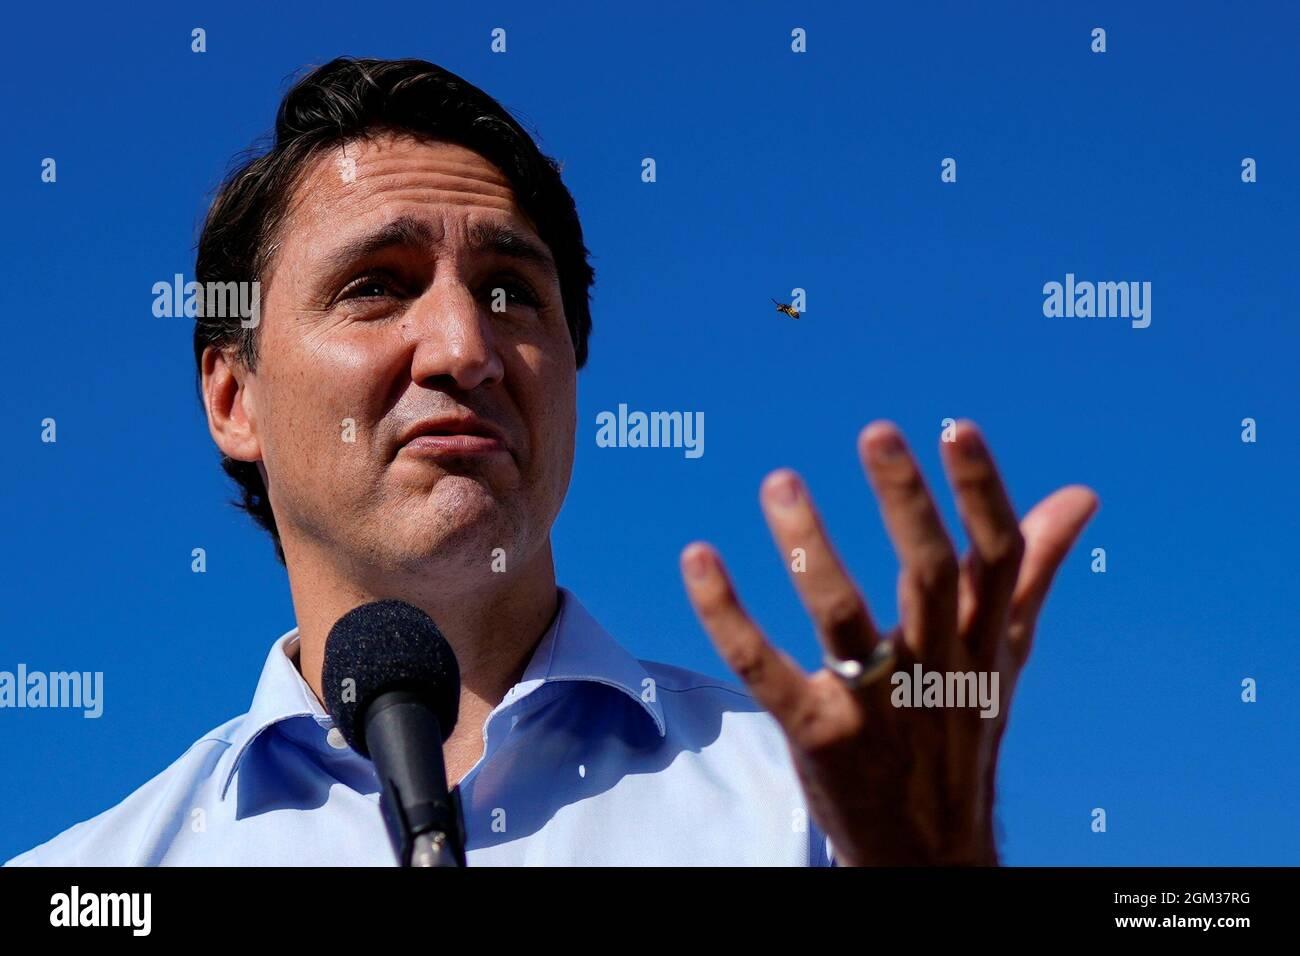 Eine Biene fliegt während eines Wahlkampfstopps in Montreal, Quebec, Kanada, am 16. September 2021 in der Nähe des liberalen Premierministers Justin Trudeau. REUTERS/Carlos Osorio Stockfoto